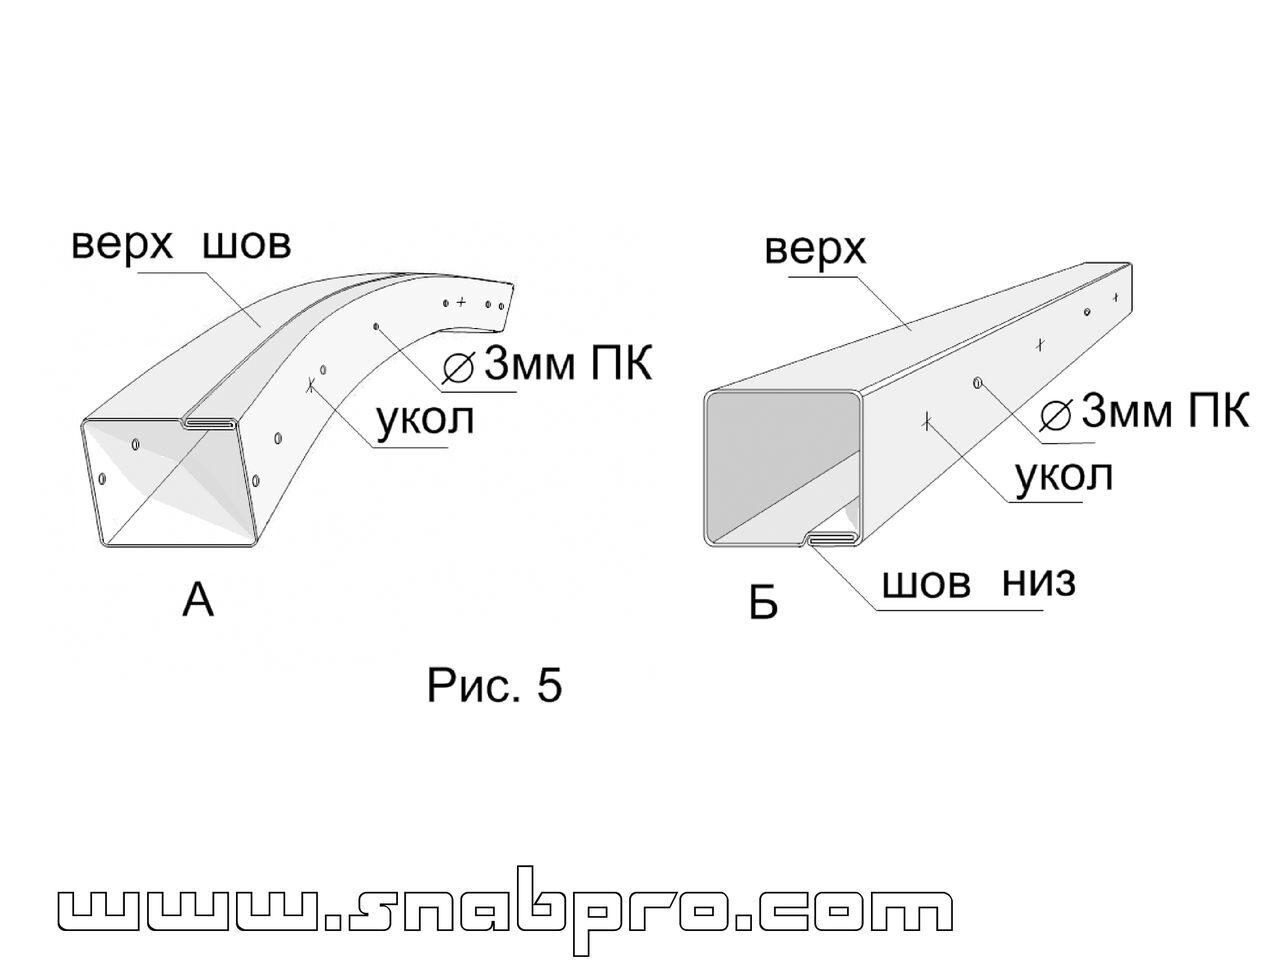 схема сборки теплицы урожай пк-2